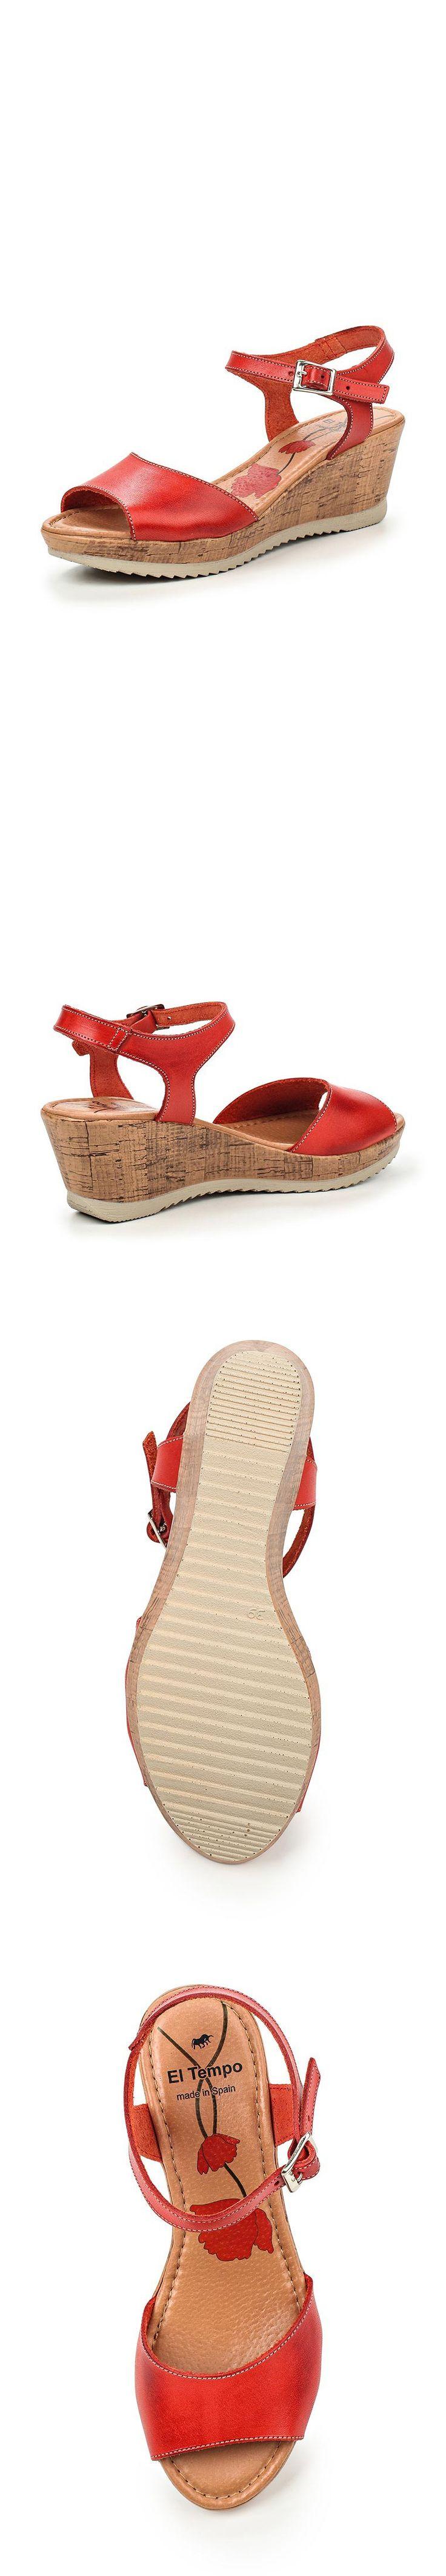 Женская обувь босоножки El Tempo за 5090.00 руб.